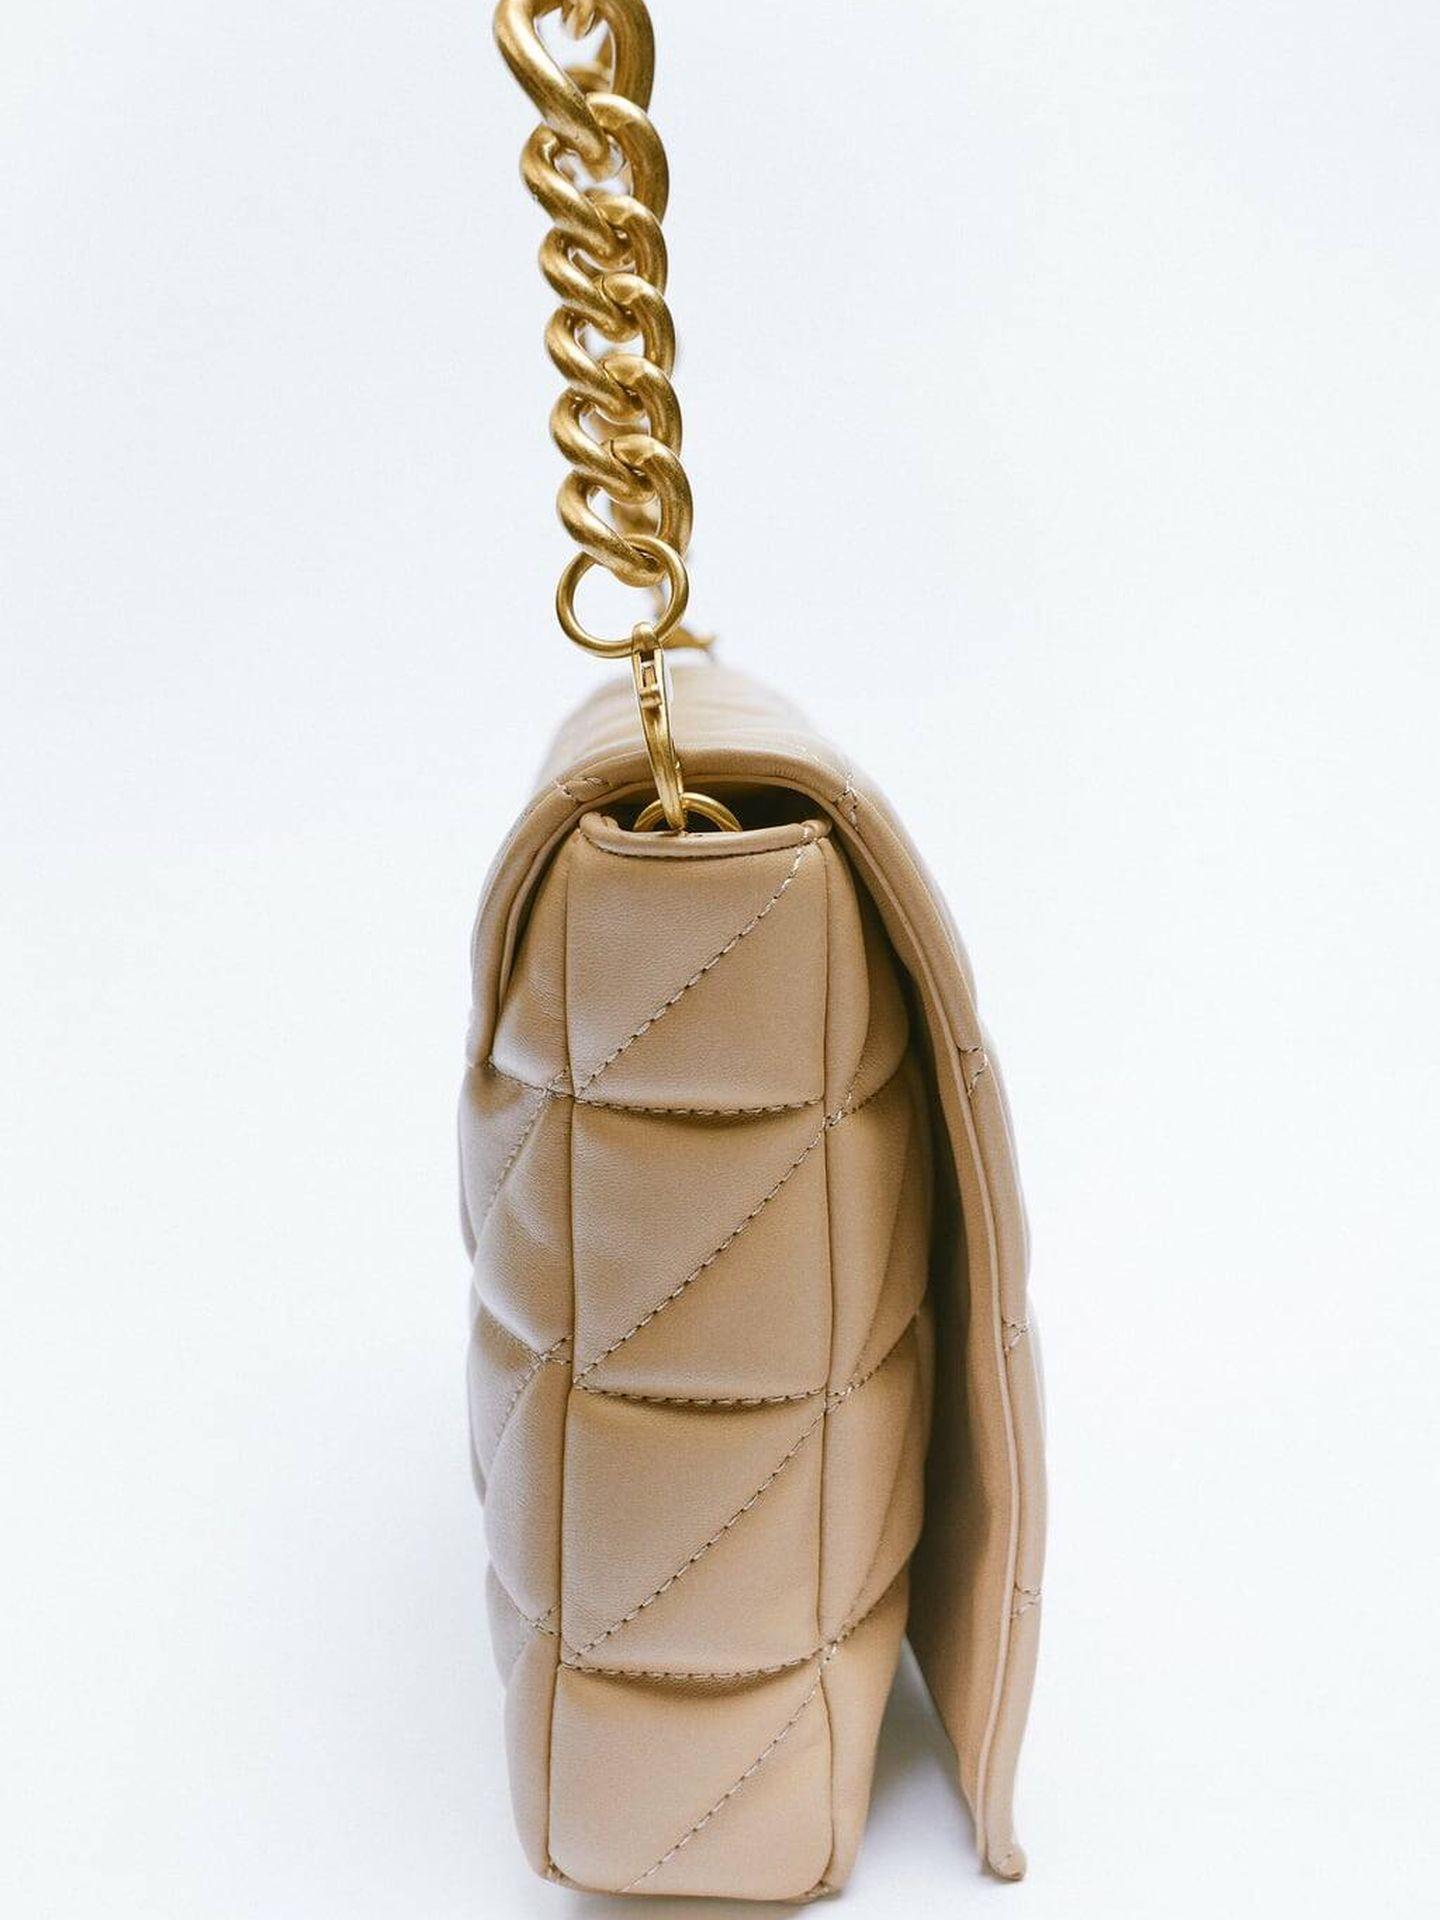 Bolso low cost de Zara. (Cortesía)